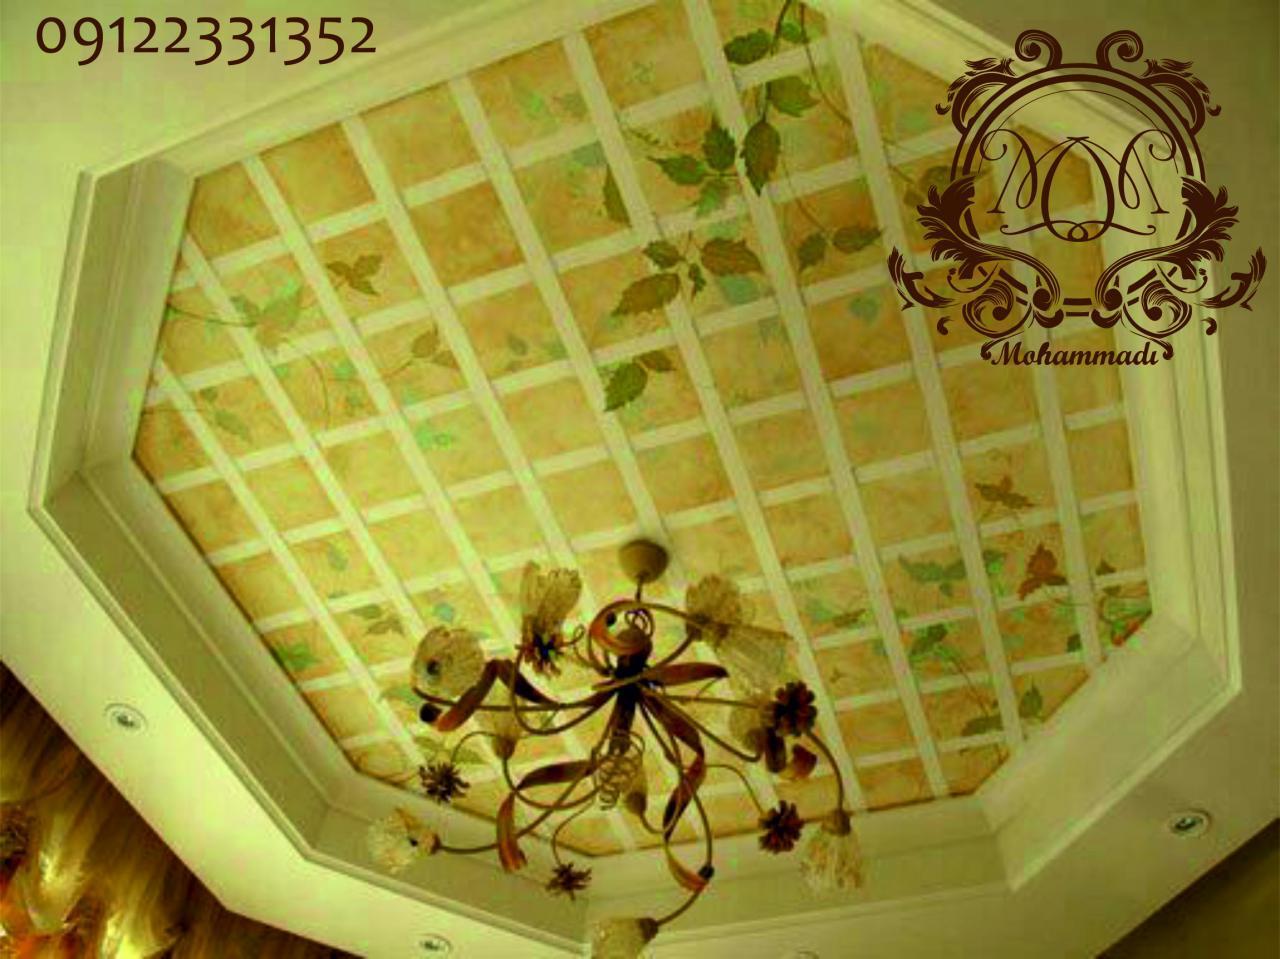 قیمت نقاشی روی سقف